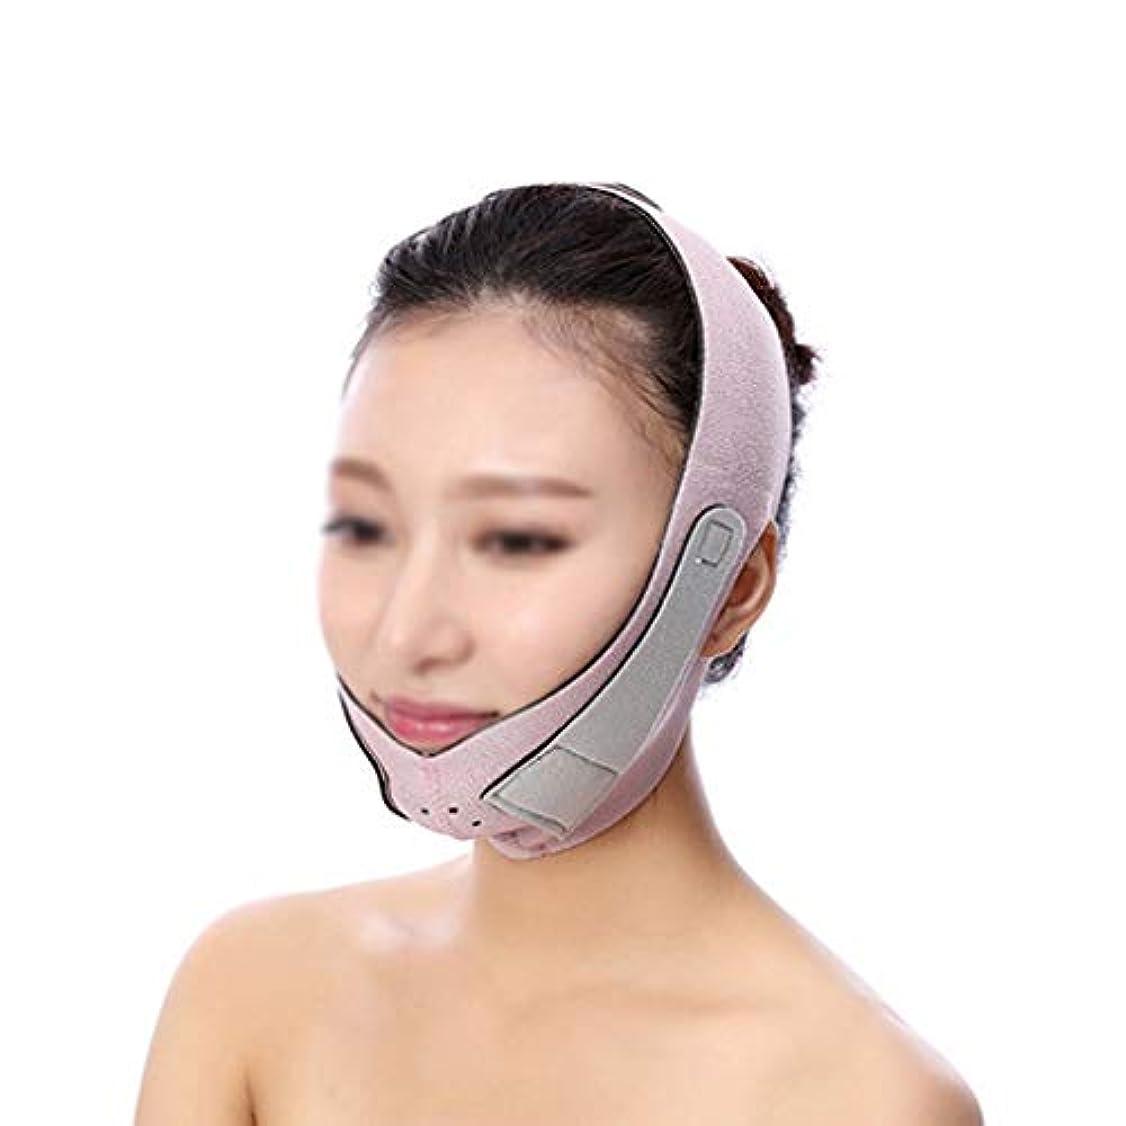 までほのか十代XHLMRMJ 薄型フェイスマスク、フェイスリフティングに最適、フェイスバンドを引き締めて肌の包帯を締め、頬あごの持ち上げ、肌の包帯を引き締める(ワンサイズはすべてにフィット) (Color : Purple)